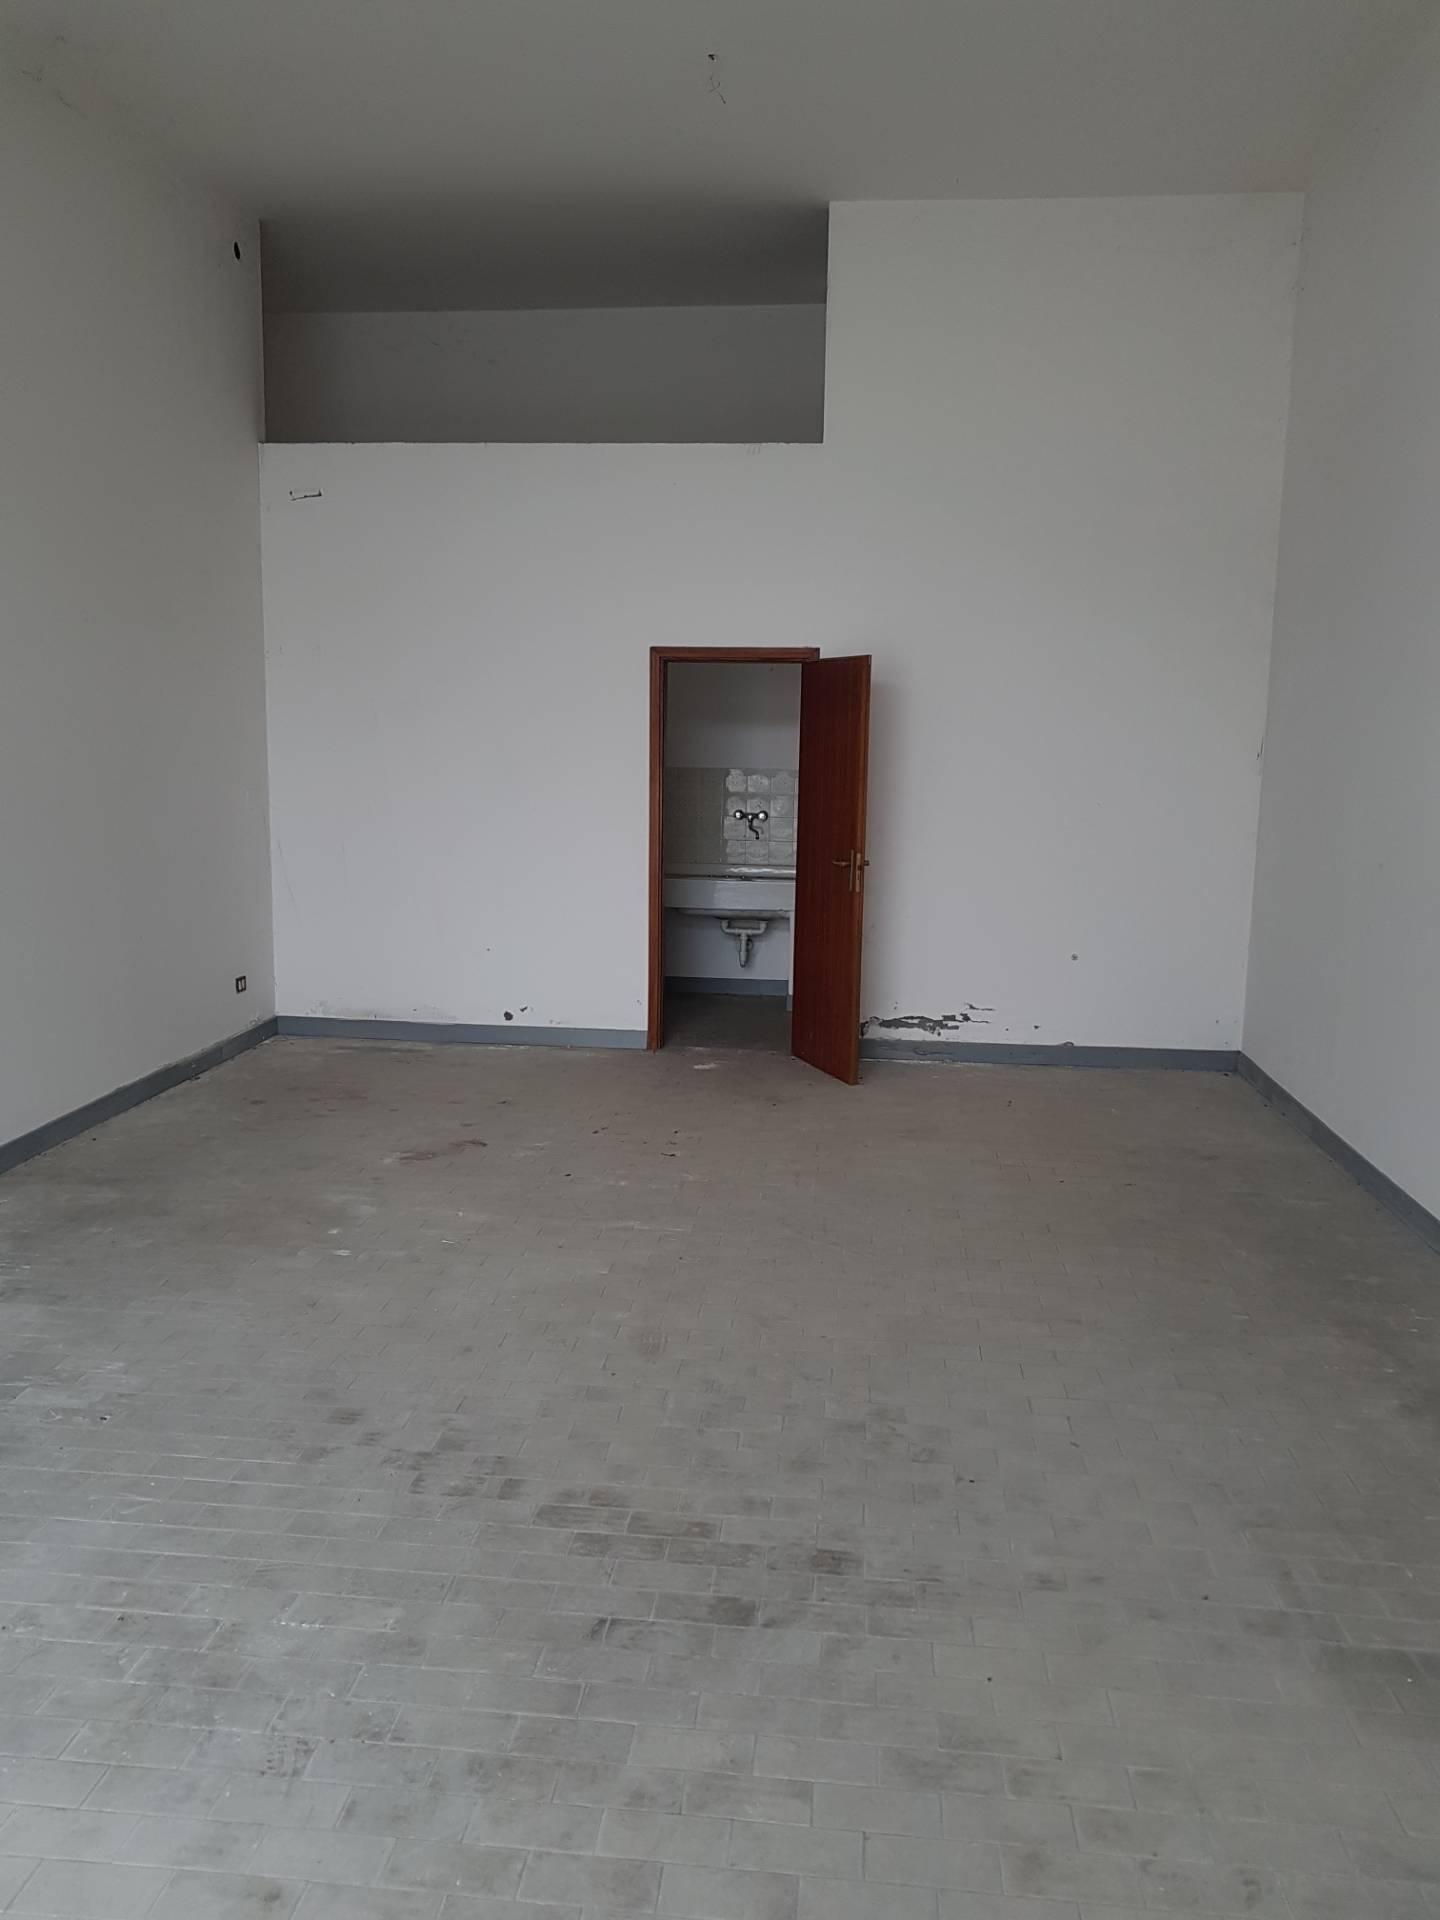 Magazzino in vendita a Lugo, 9999 locali, prezzo € 45.000 | CambioCasa.it